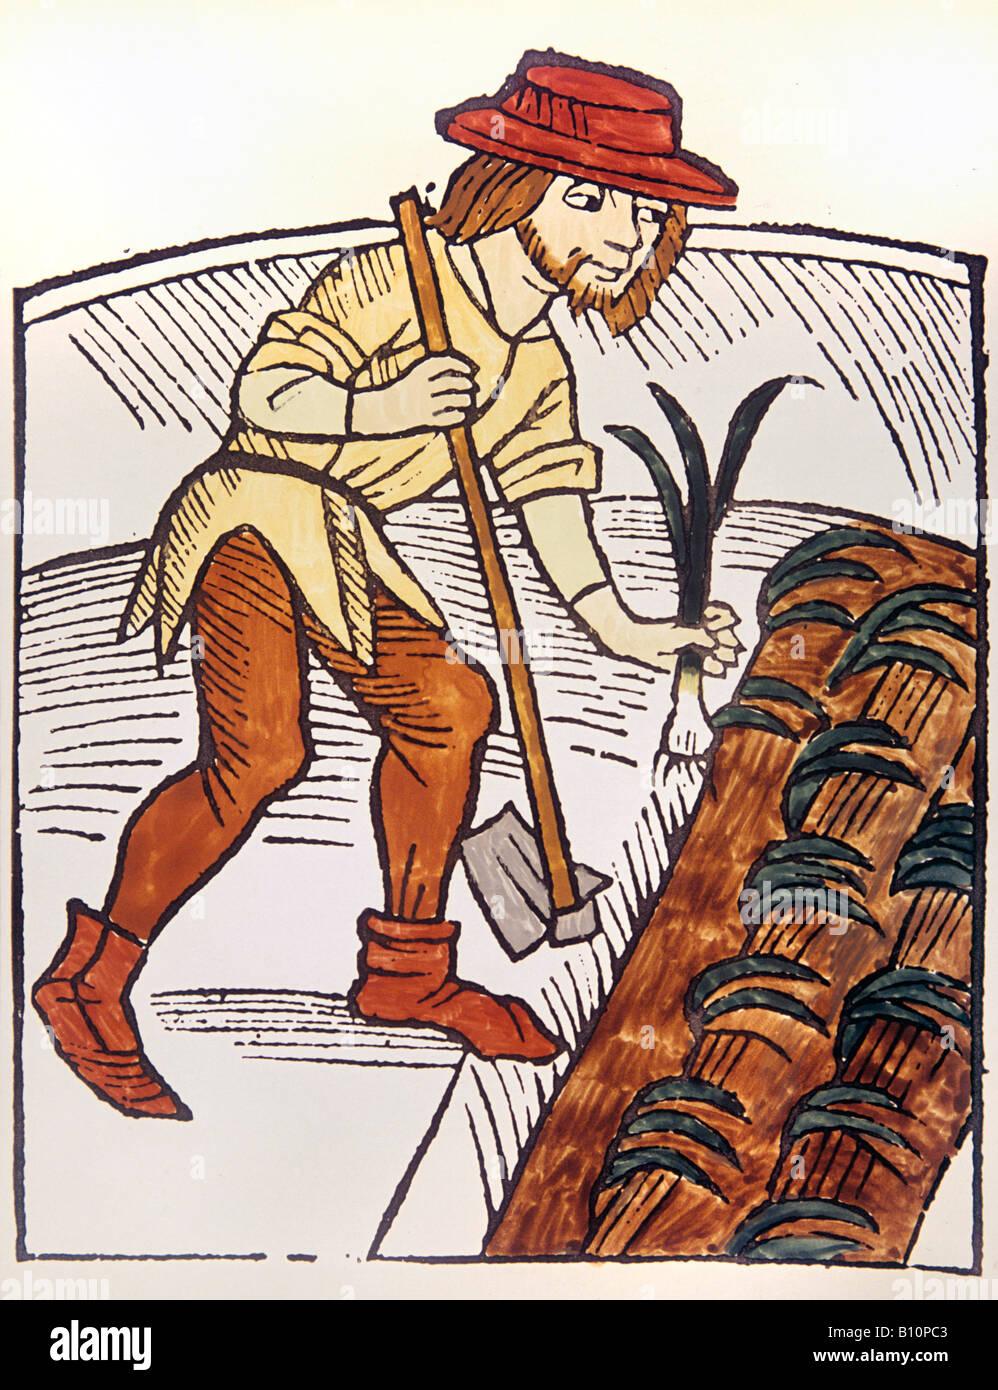 Anpflanzung von Lauch 15. C Holzschnitt mittelalterlichen Copyright AAAC Ltd Stockbild